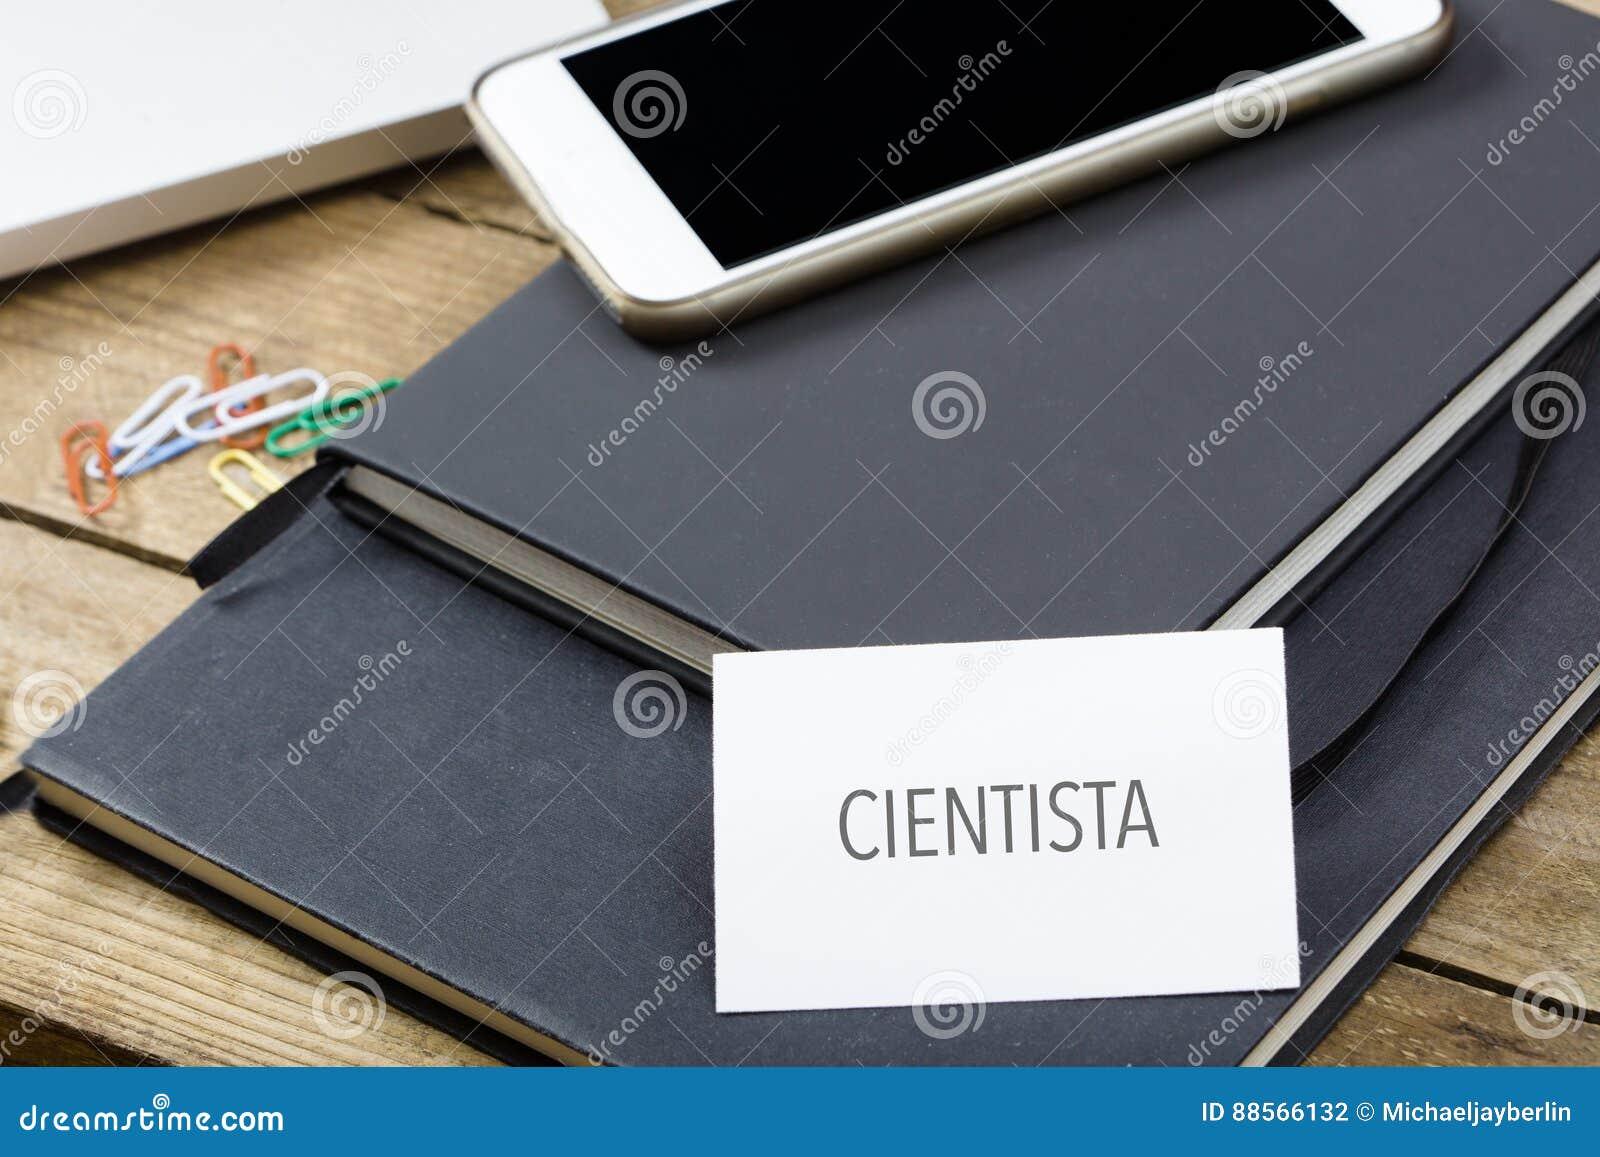 Cientista texte portugais pour la carte de visite professionnelle